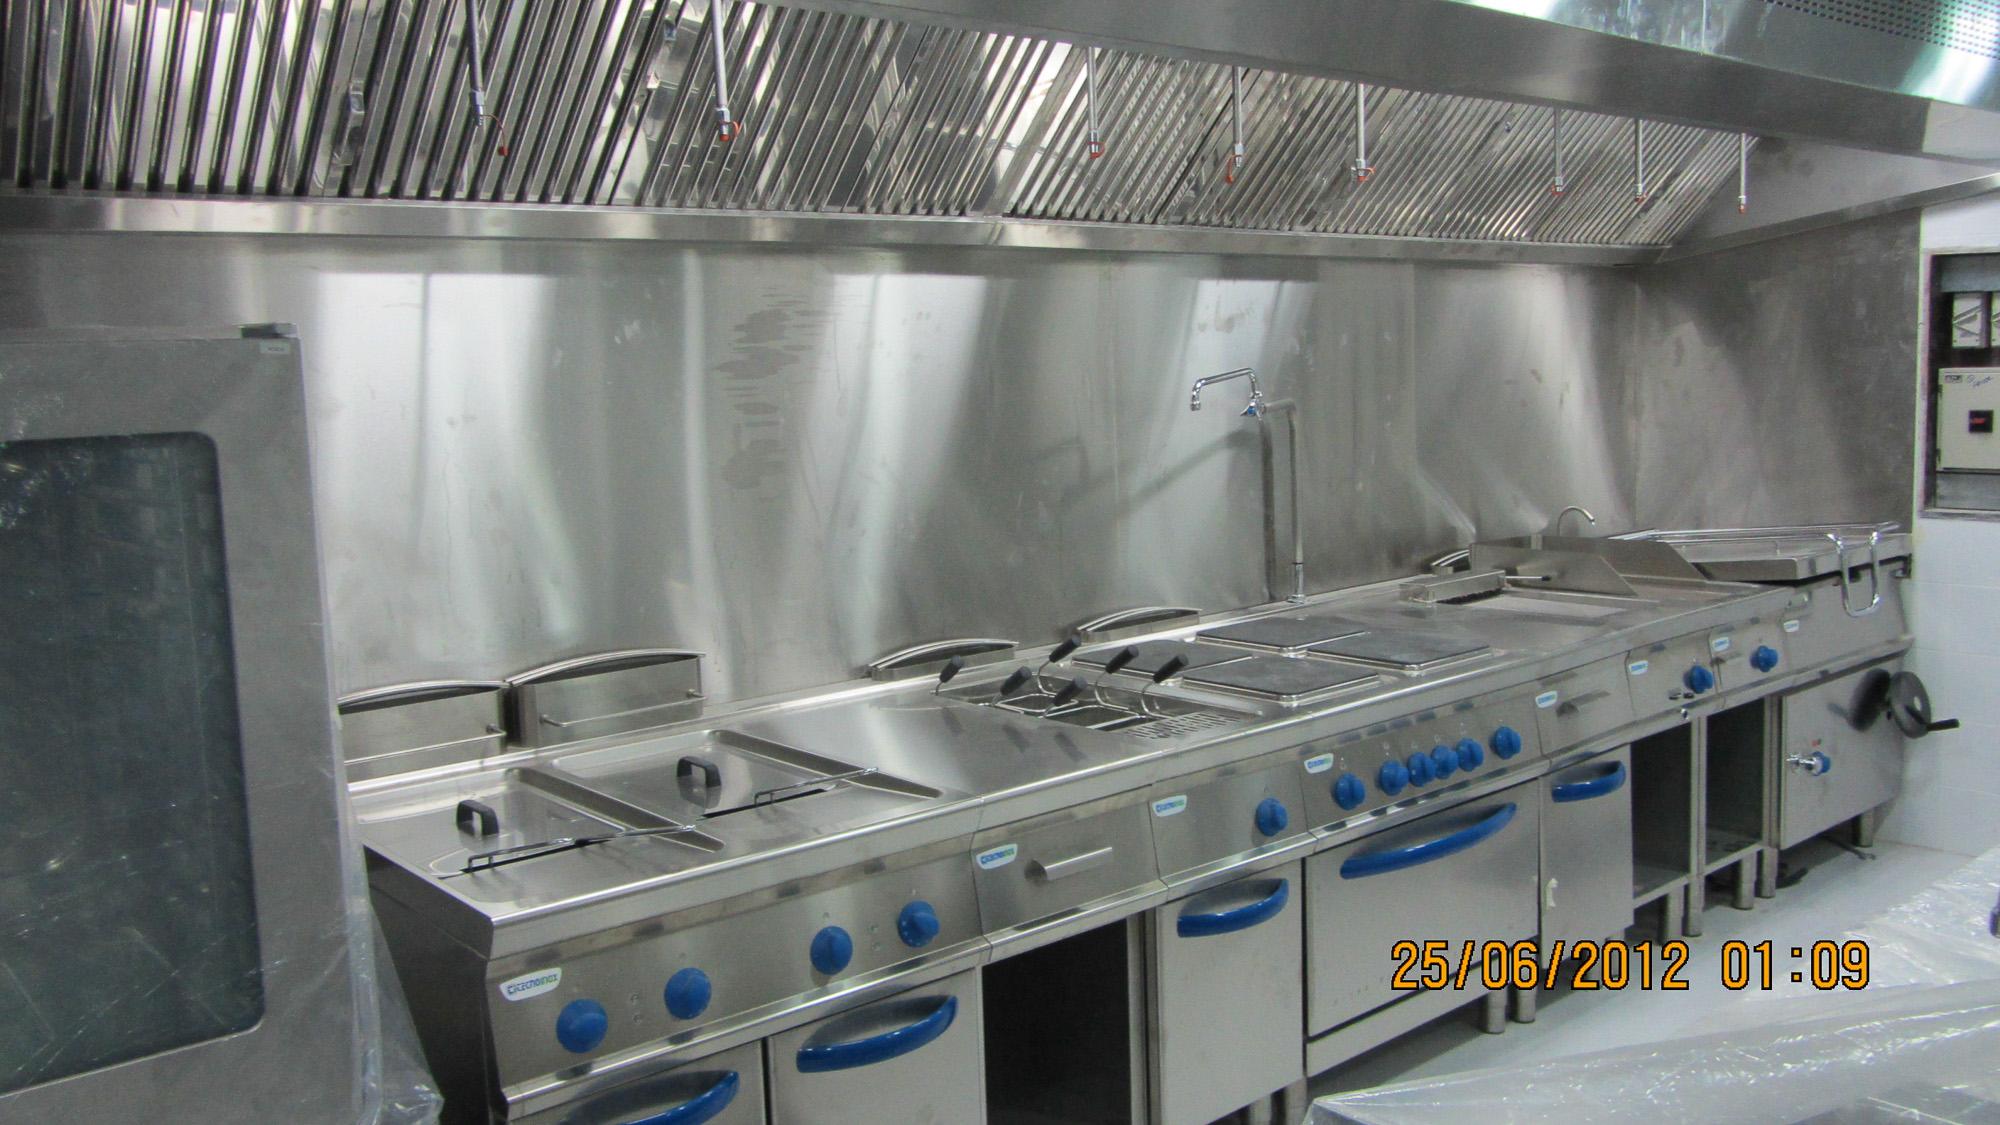 Italia_kitchen_-rotana-3